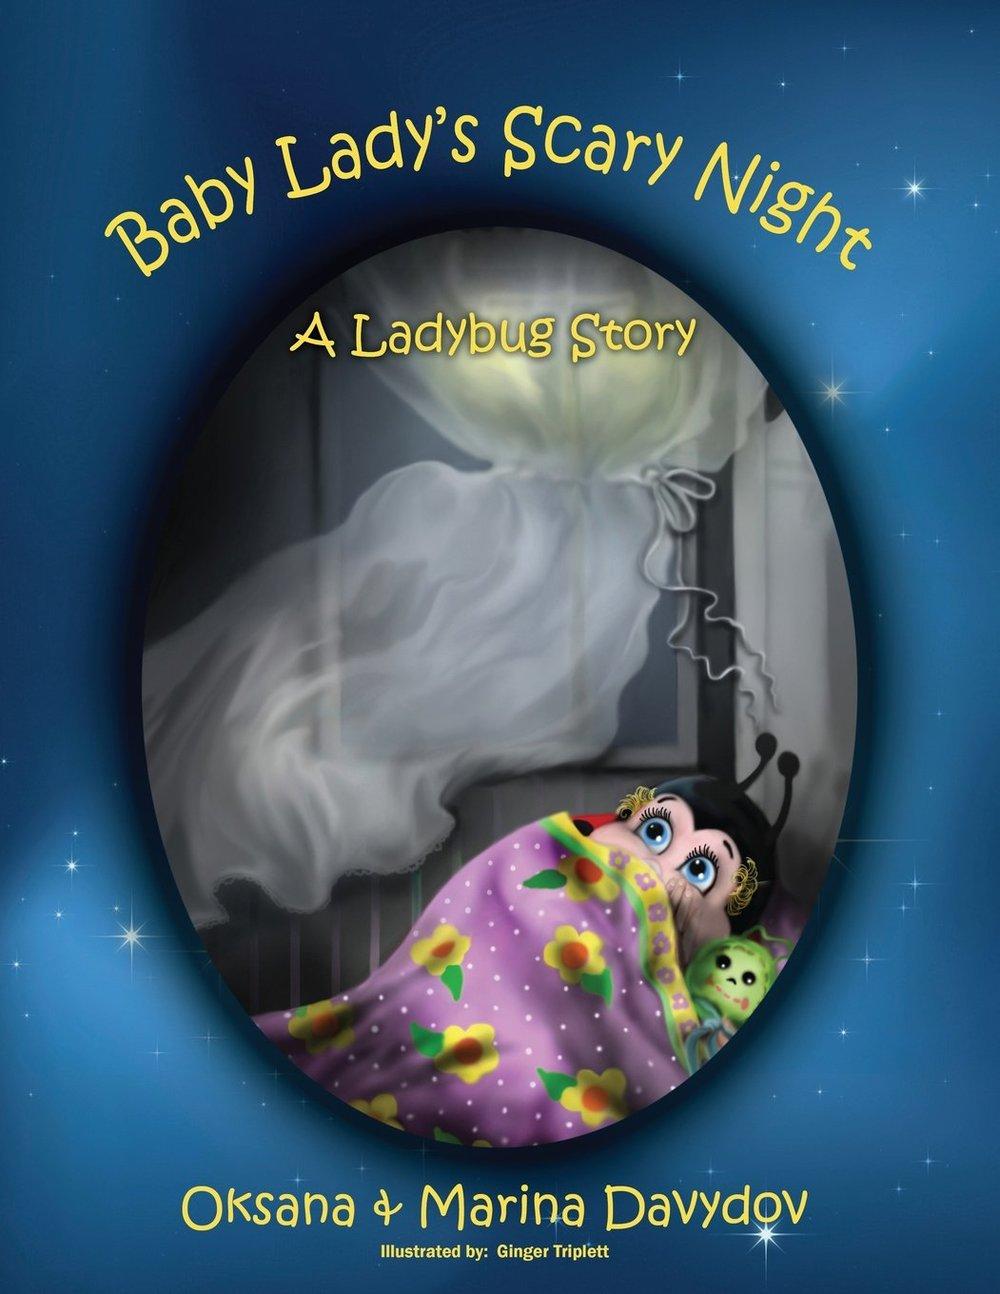 BabyLadysScaryNight.jpg